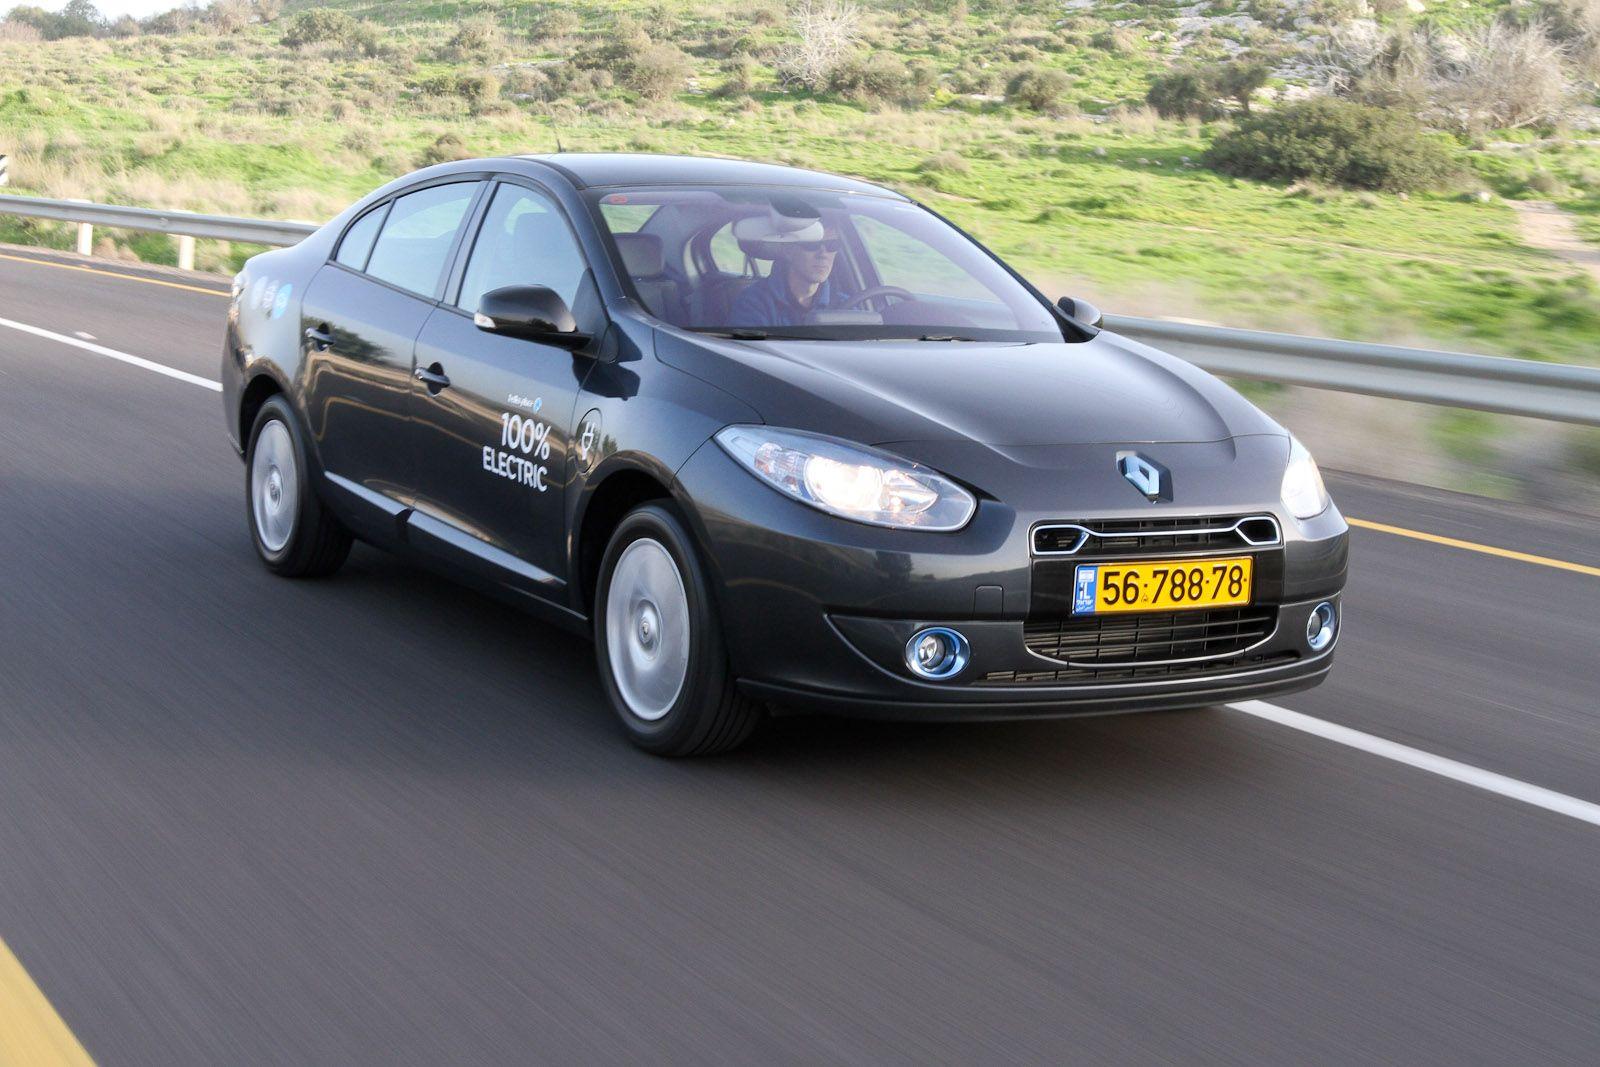 Renault Fluence Ze The World S First Switchable Battery Electric Car Renault Fluence Electric Car Car